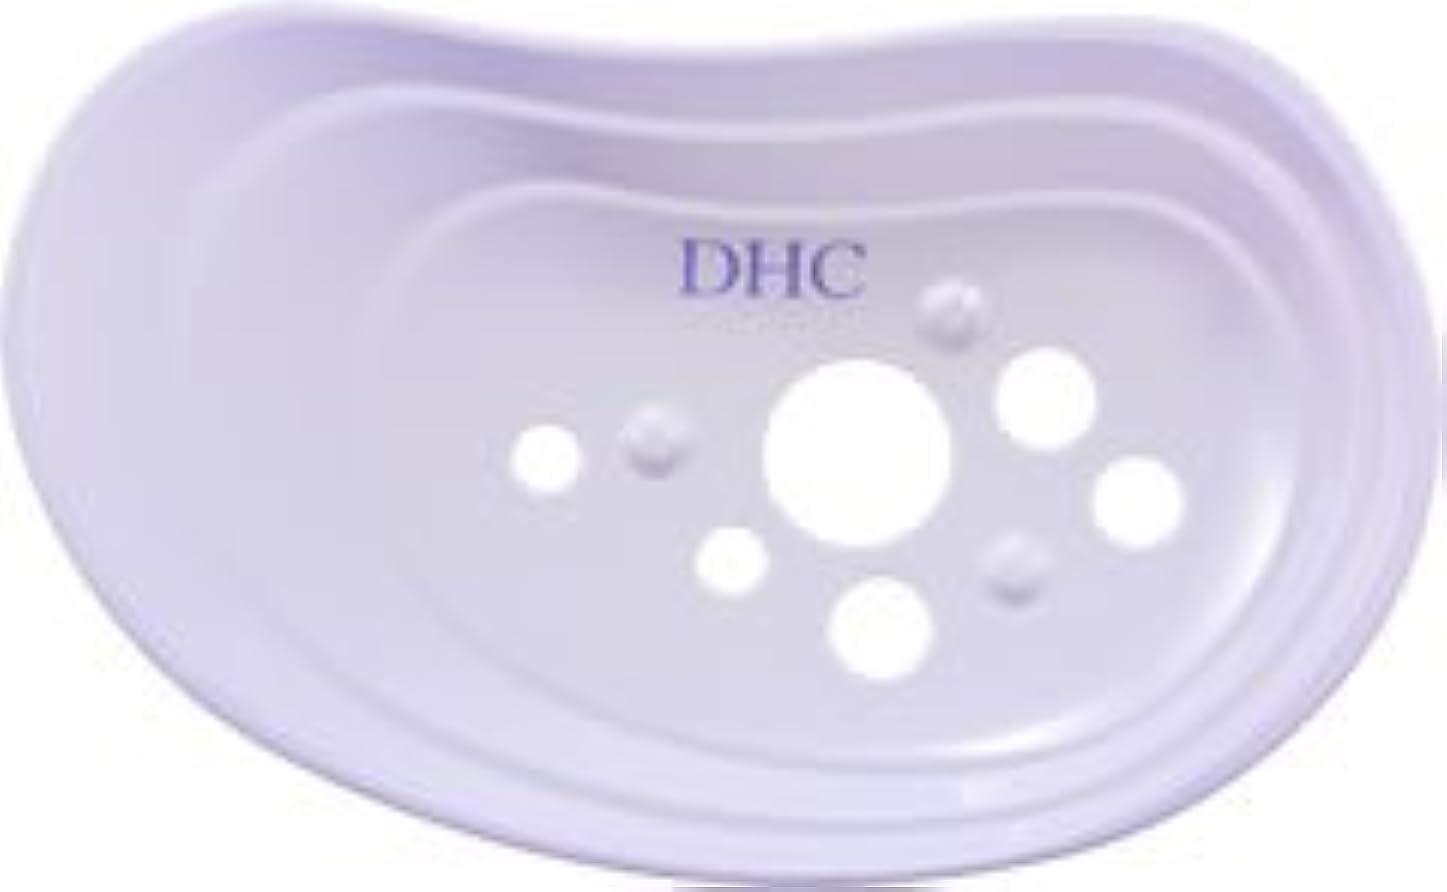 堤防精度八DHCソープトレイ -C 貝がら型